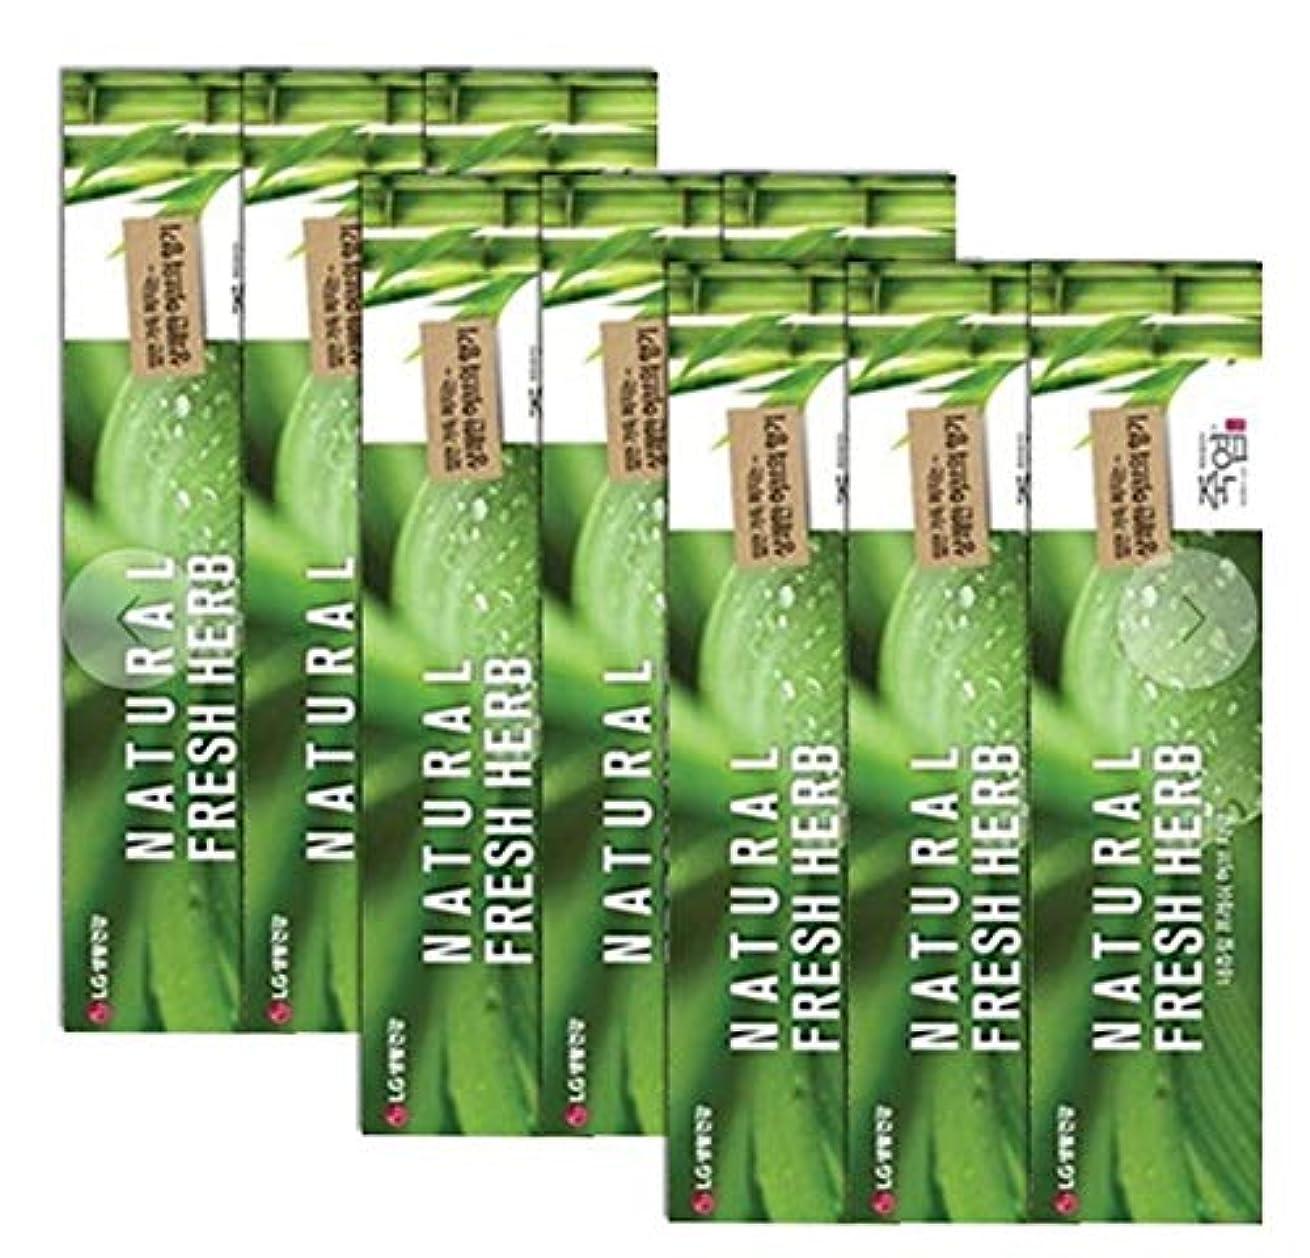 そこ夫上に[LG生活と健康] LG竹塩Natural Freshナチュラルフレッシュハブ歯磨き粉160g*9つの(海外直送品)